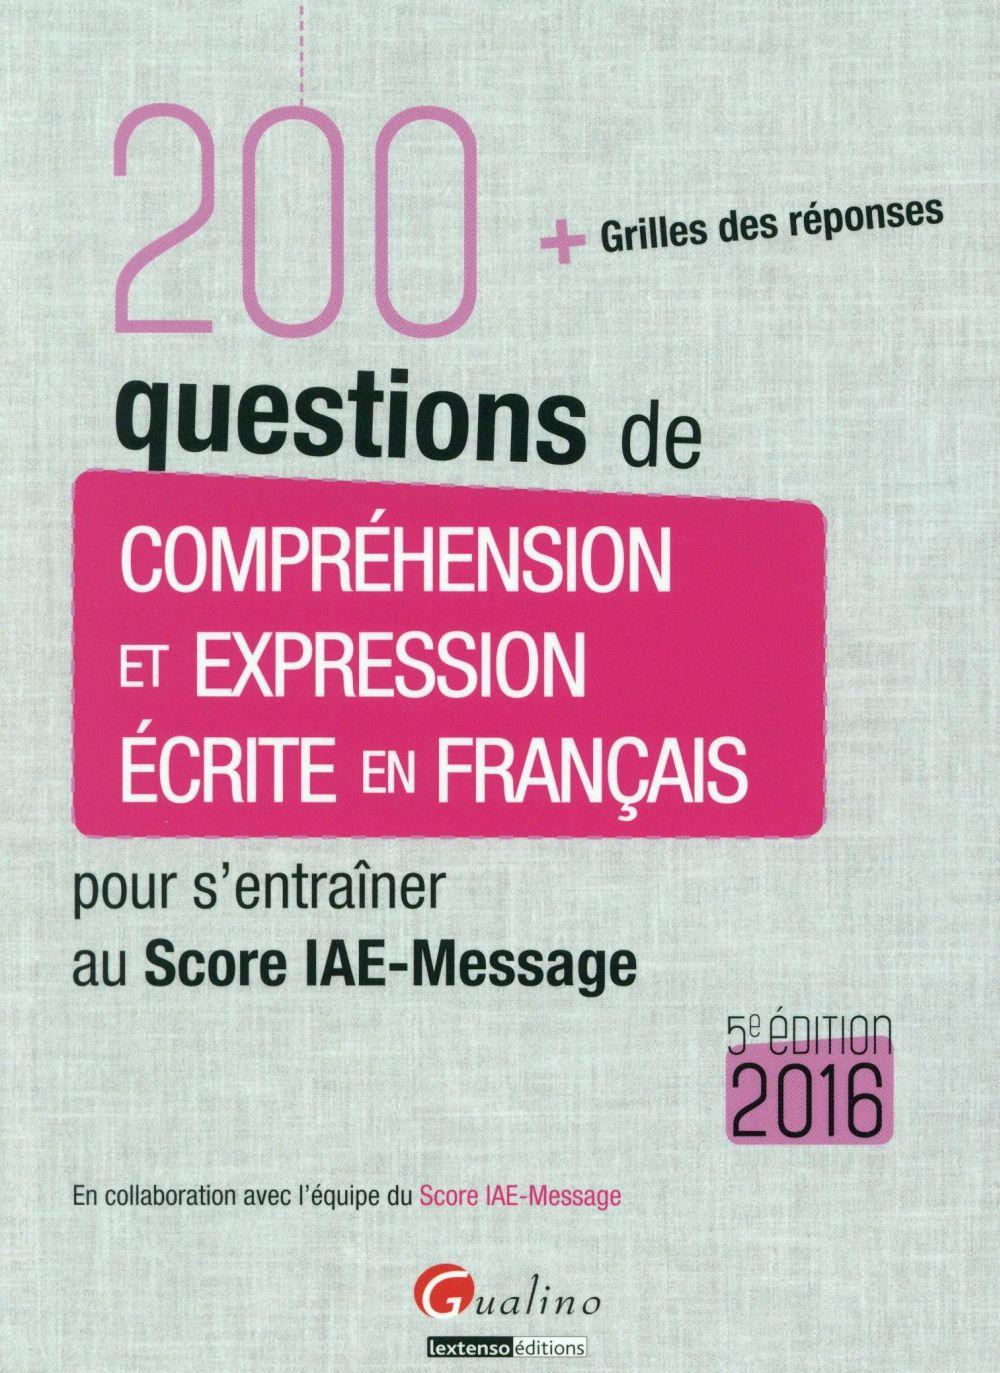 200 questions de compréhension et expression écrite en français pour s'entraîner au Score IAE-Message 2016 (5e édition)